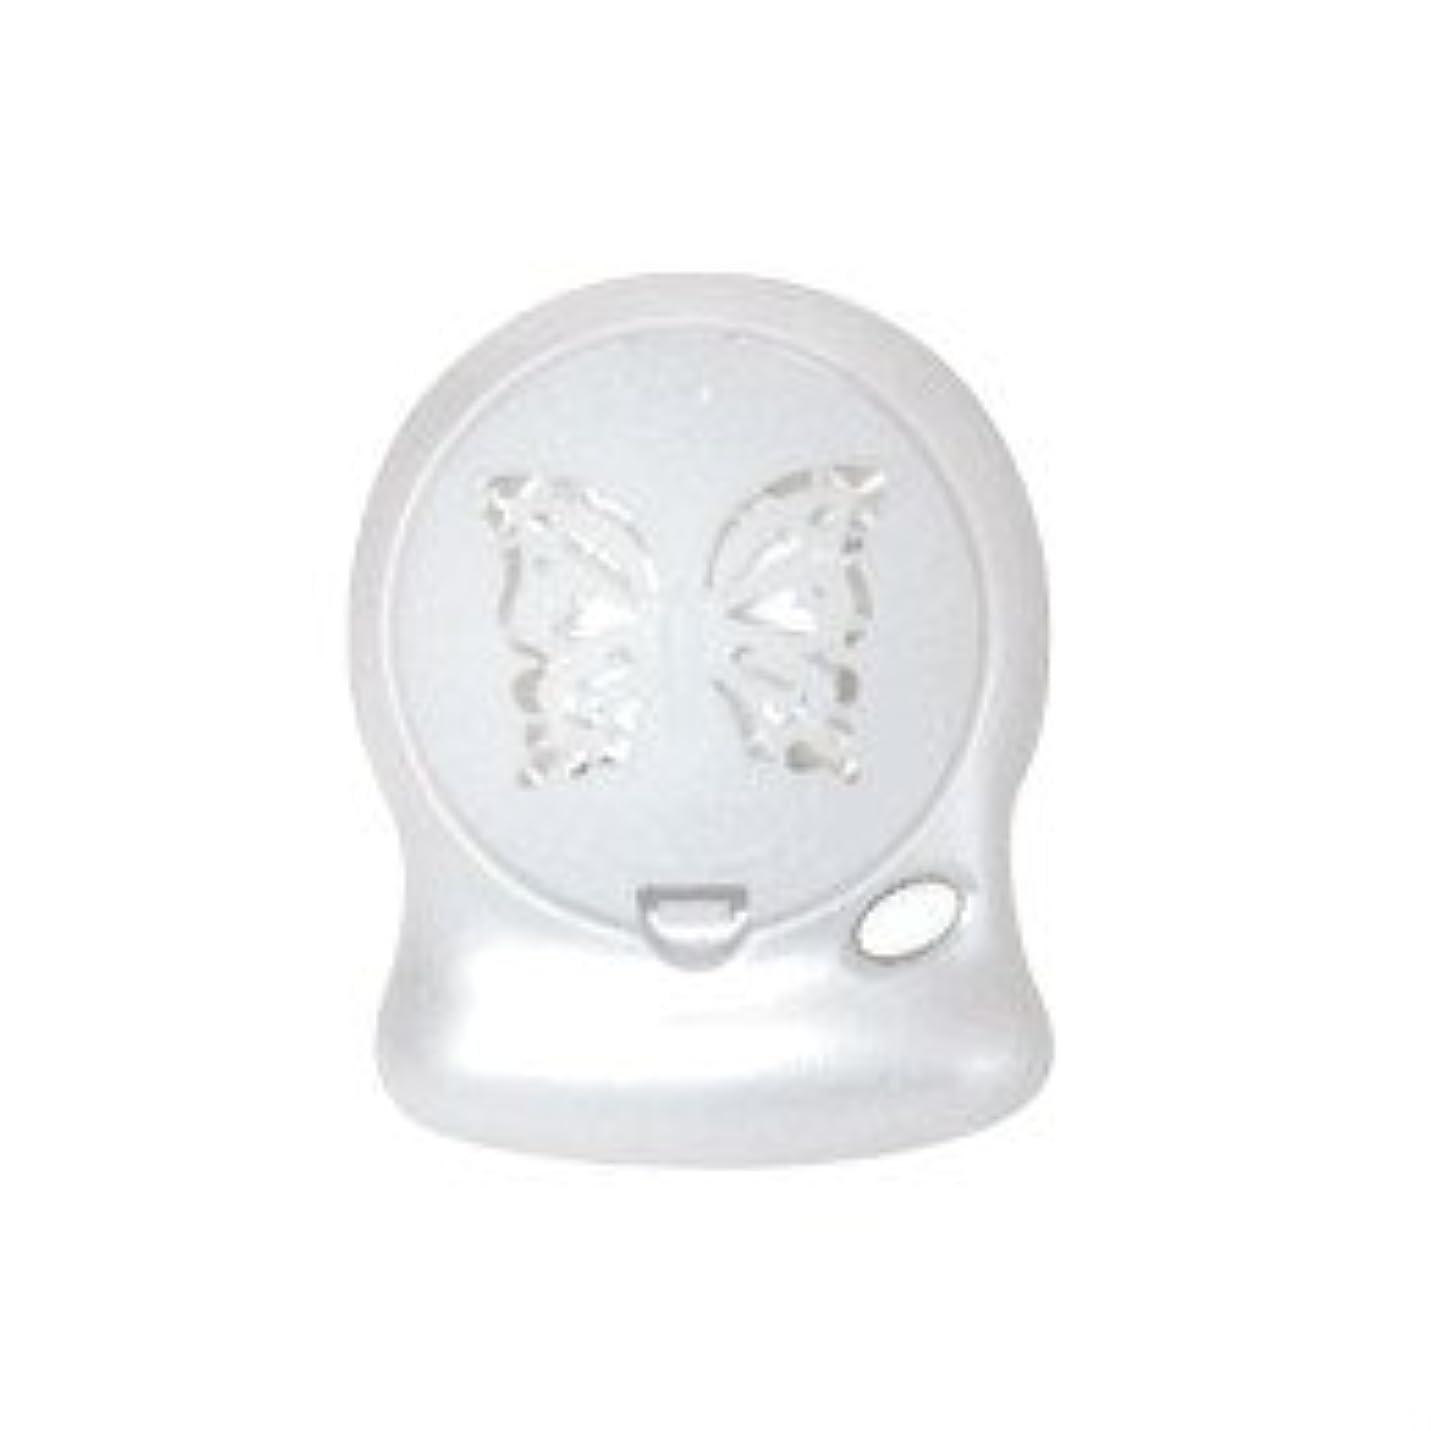 匿名喜び怒るアロマブリーズ Nova Jill (蝶柄) ホワイト モバイルファン式芳香器